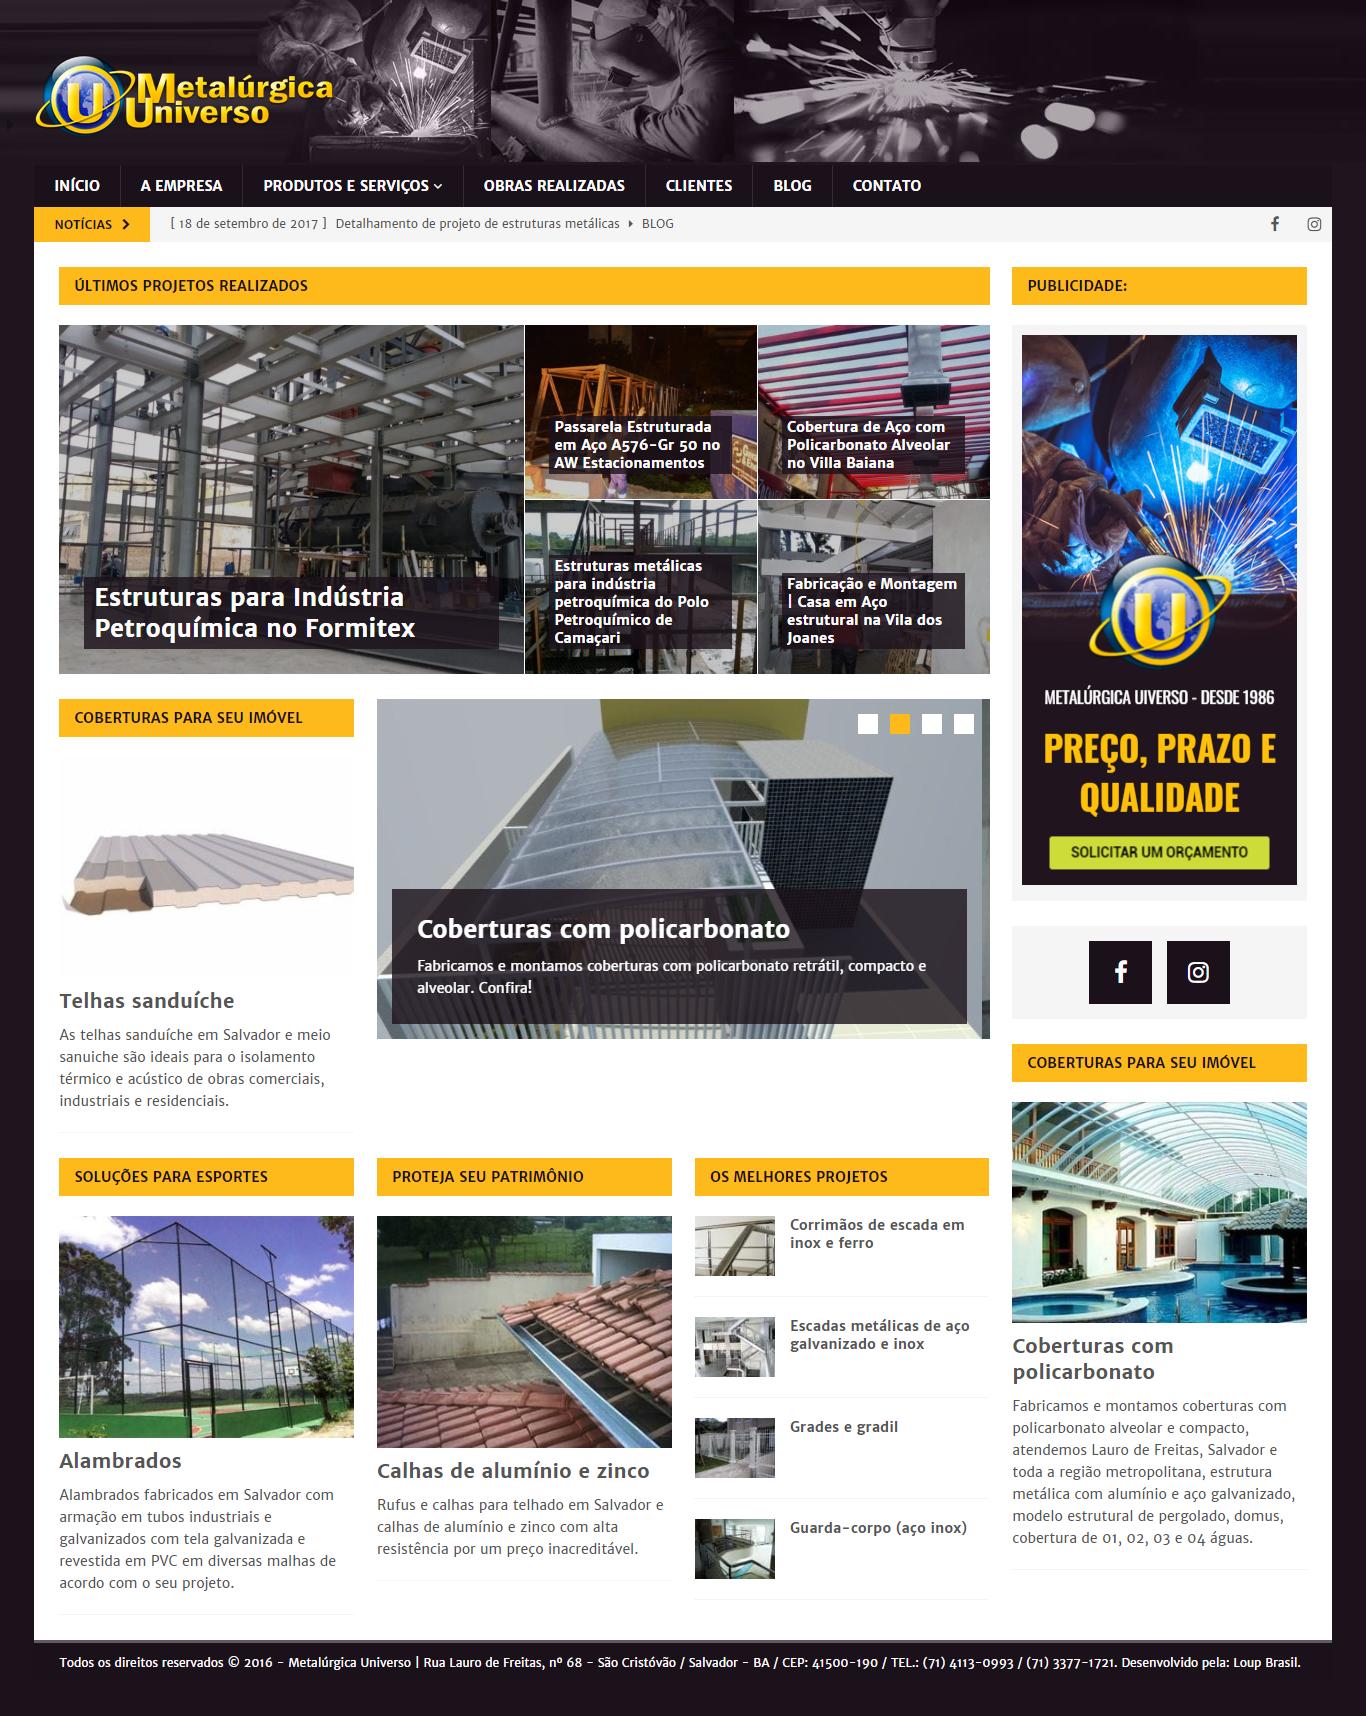 Página inicial do site da Metalúrgica Universo.